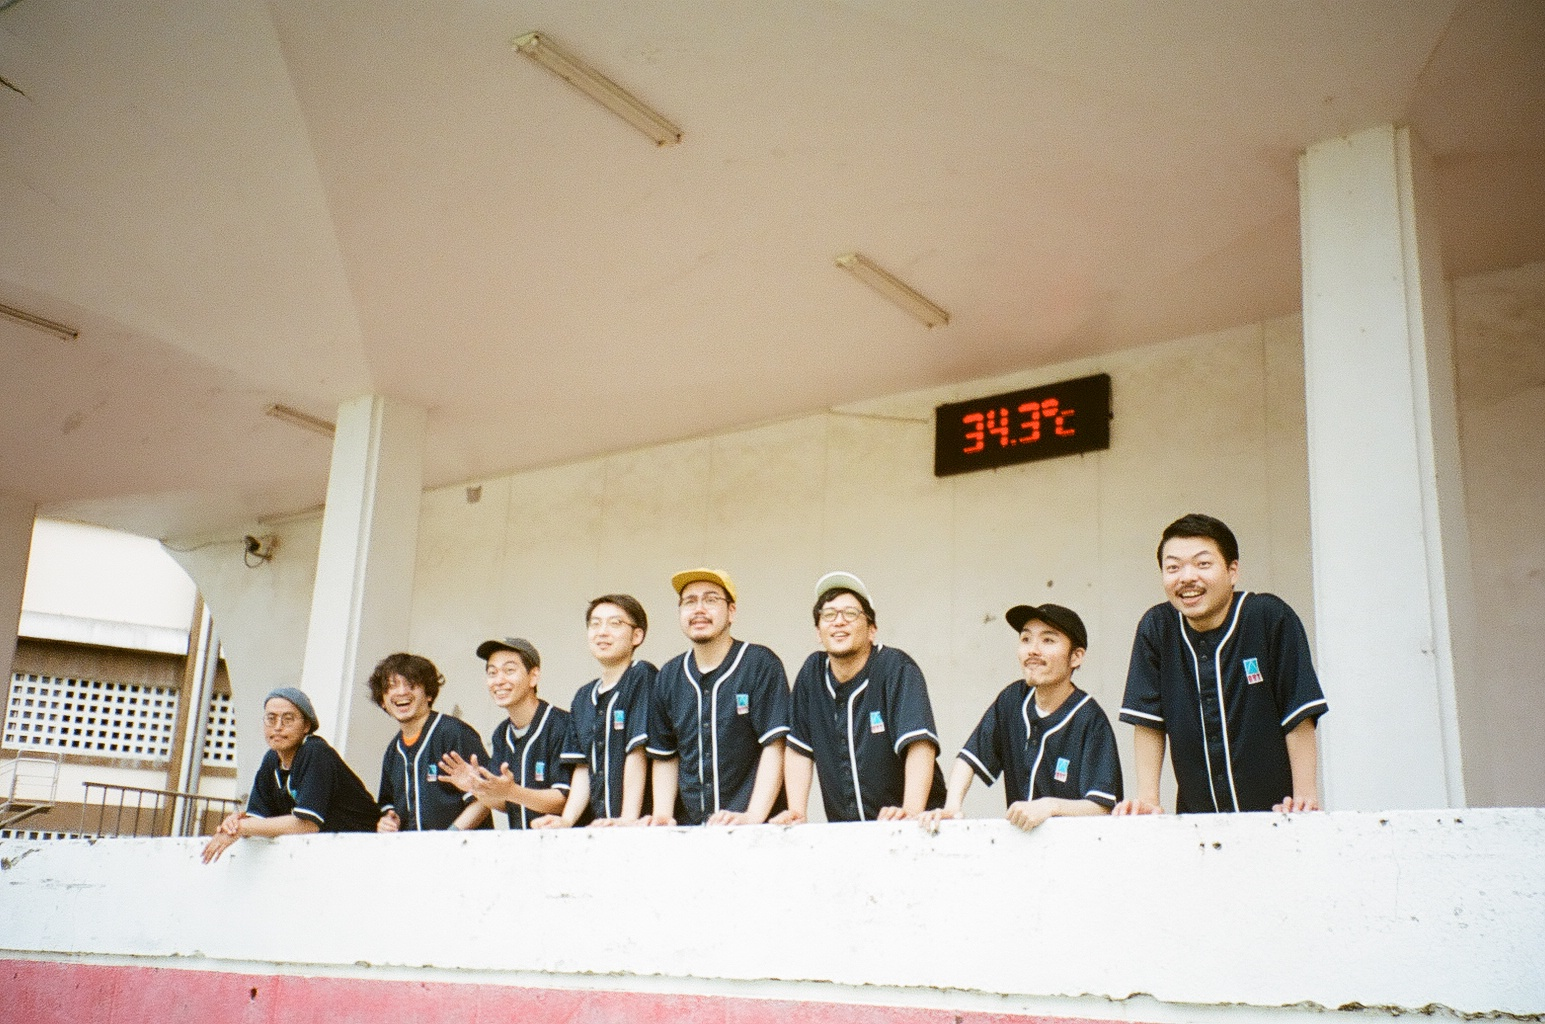 """思い出野郎Aチーム presents """"ウルトラソウルピクニック"""" #2 チケット販売決定!"""